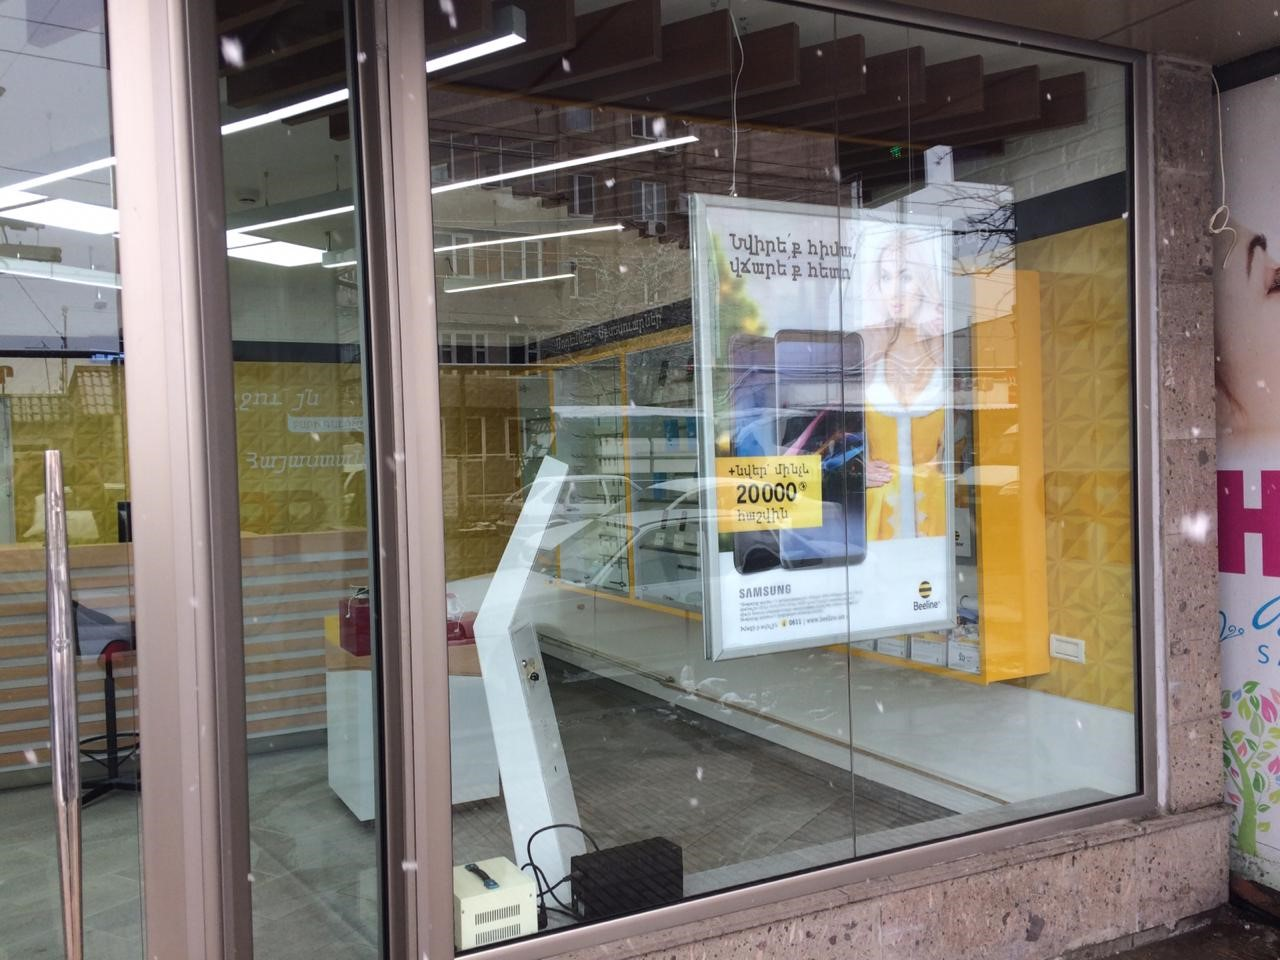 Beeline. Շենգավիթ համայնքում վերաբացվել է վաճառքի և սպասարկման գրասենյակը